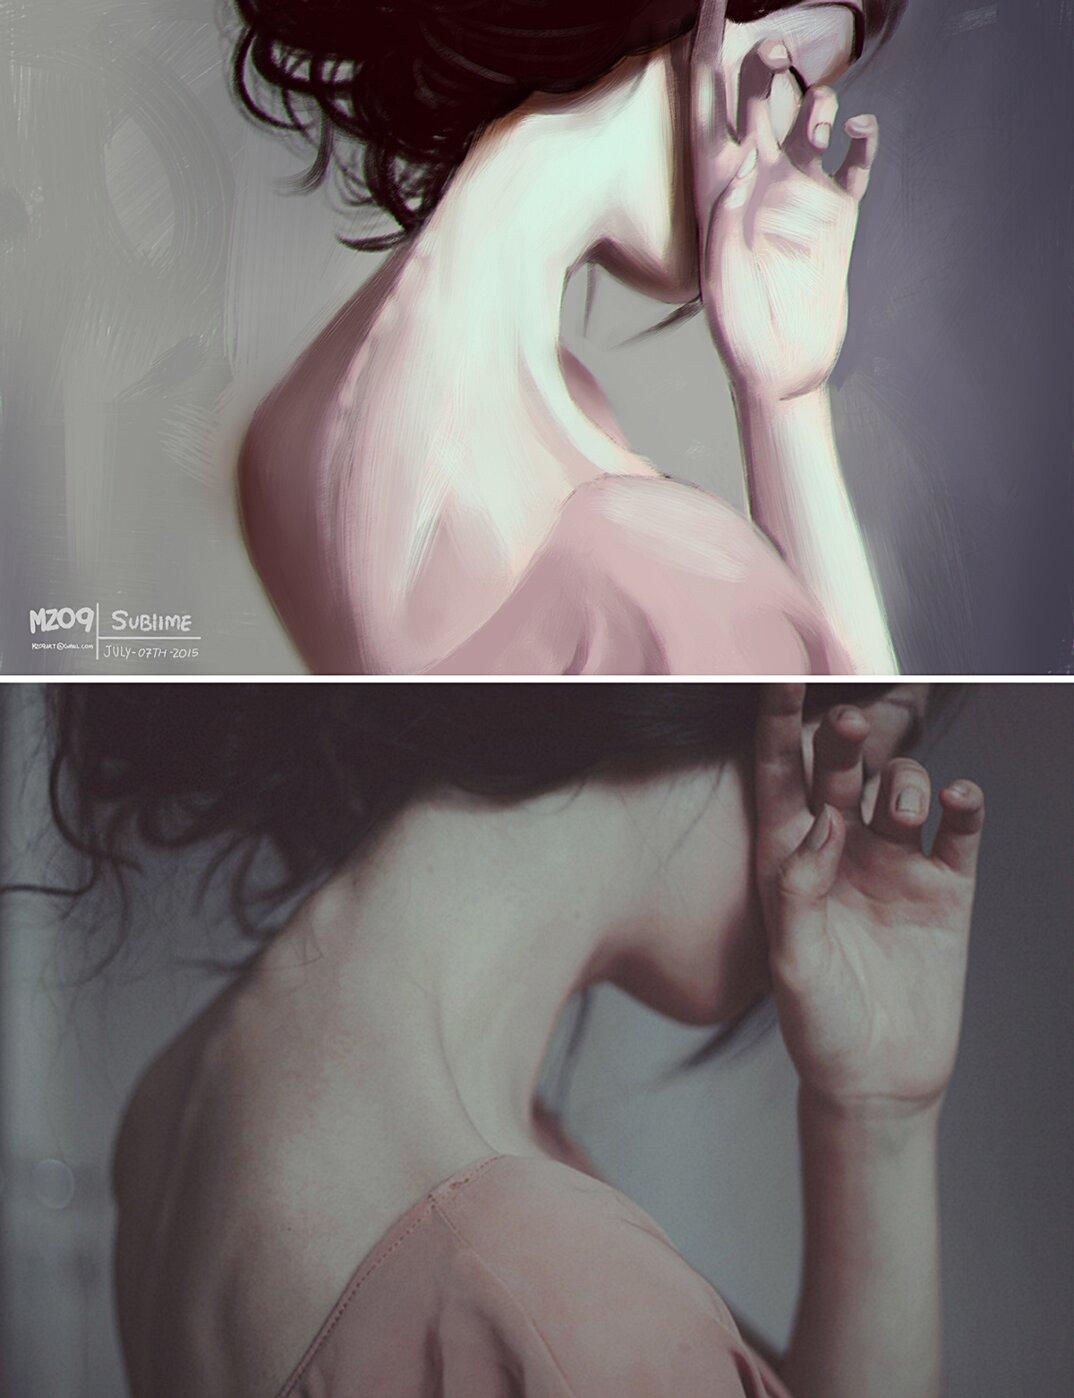 illustrazioni-spiritose-ritratti-caricature-persone-julio-cesar-05